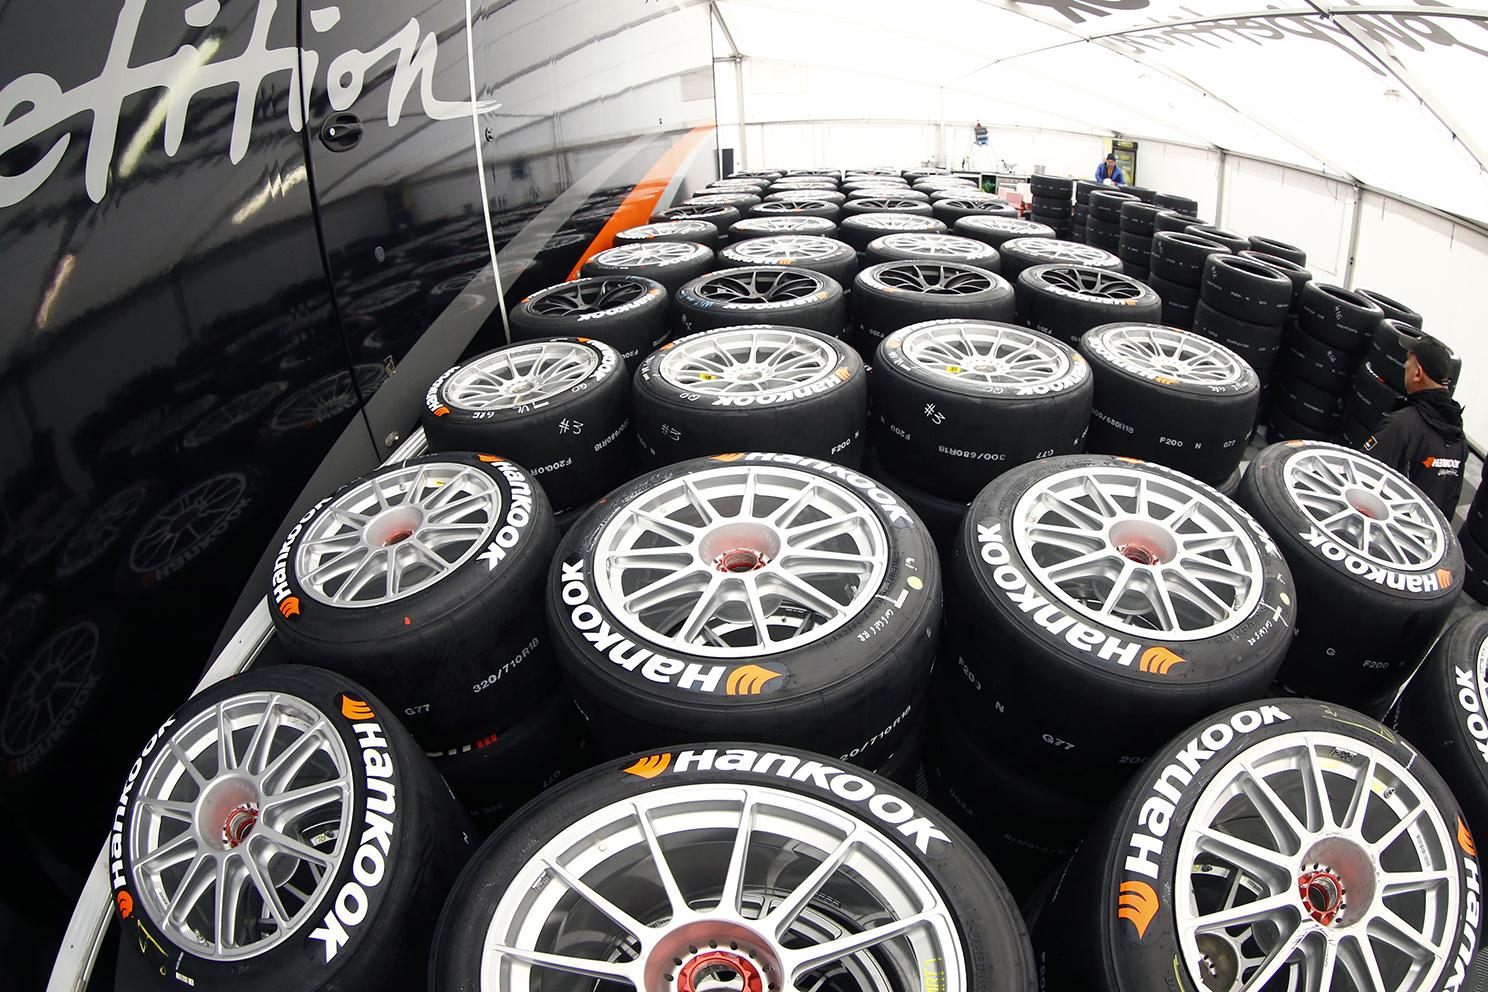 Hankook разработала новые слики Ventus Race для серии DTM